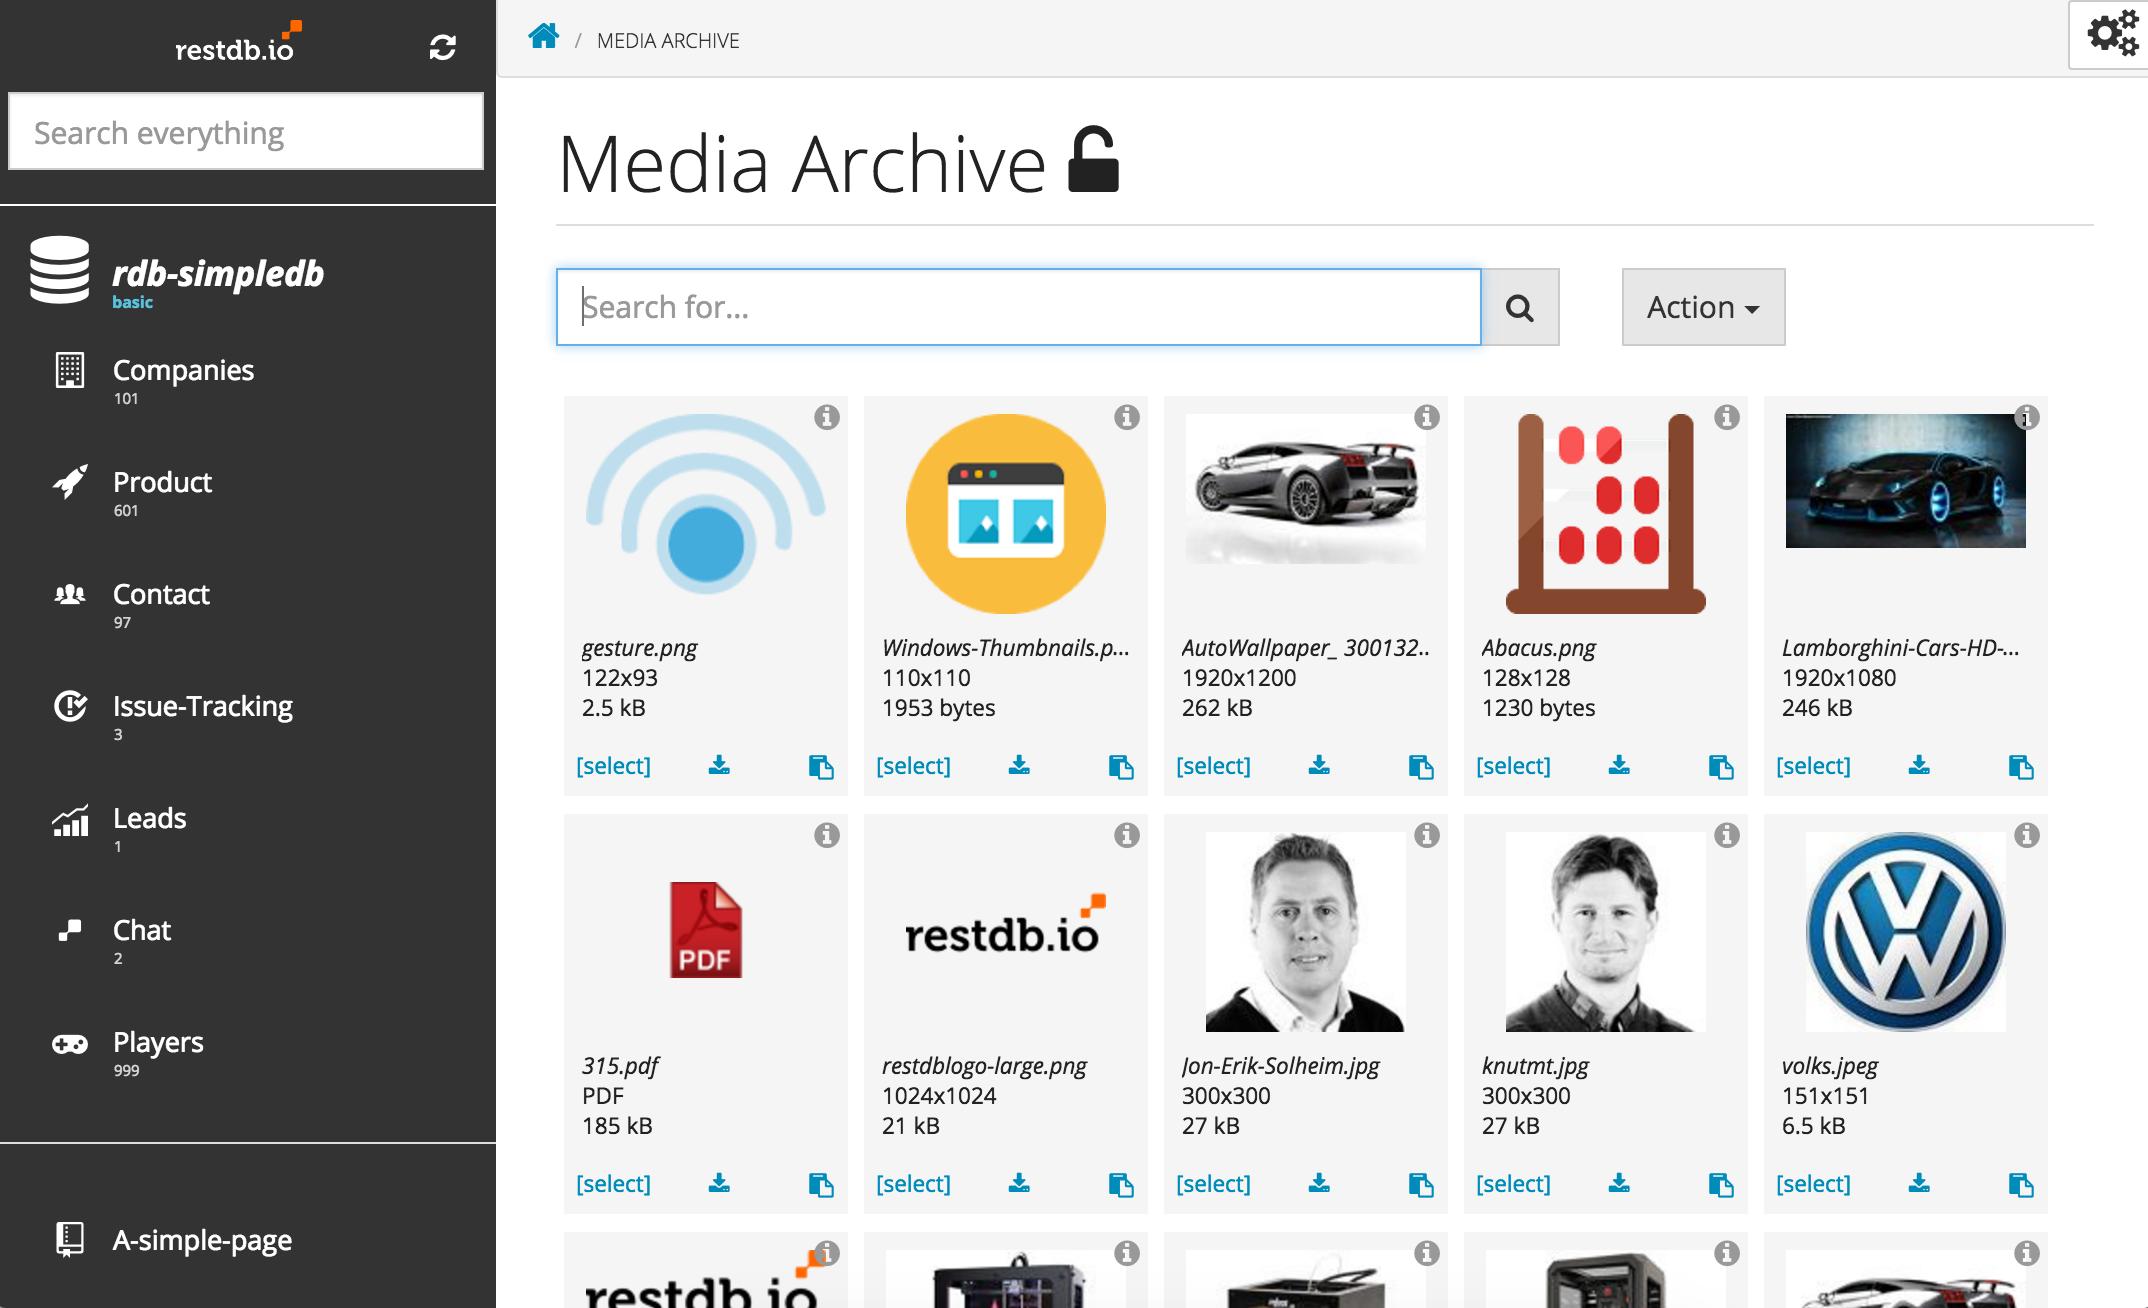 mediaarchive